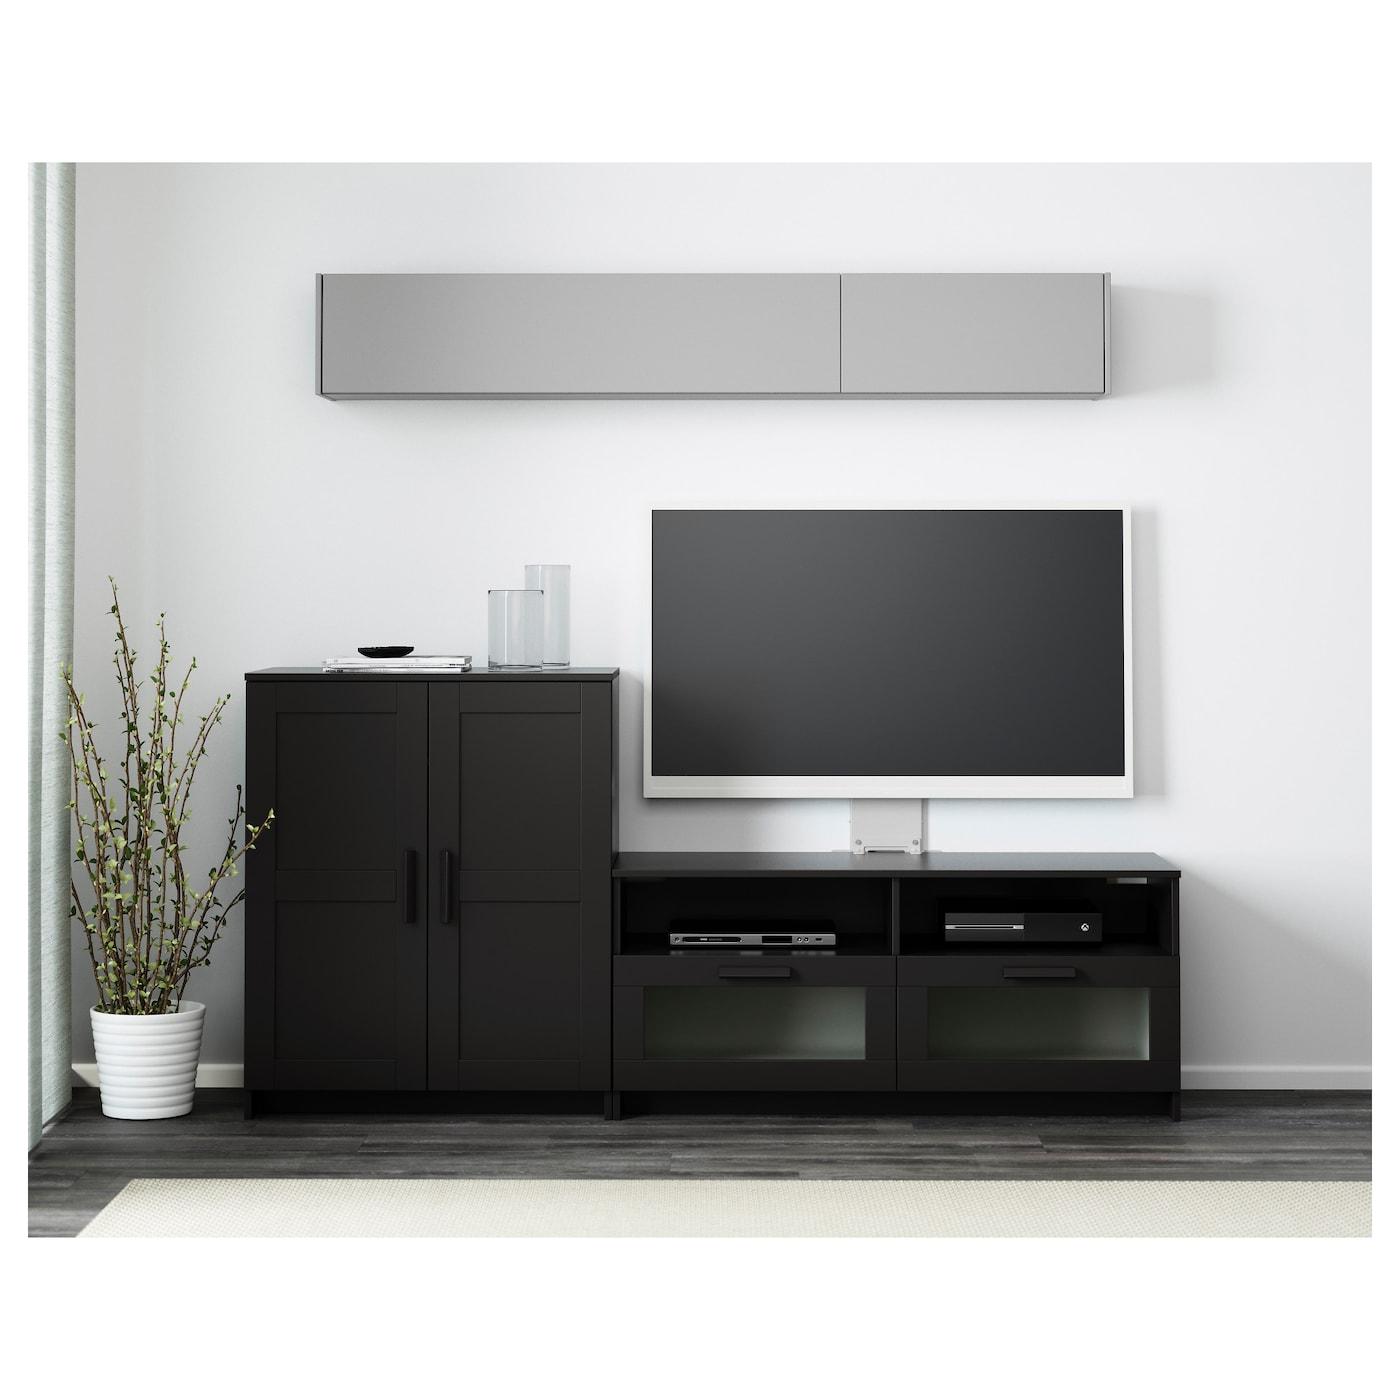 Brimnes combinaison meuble tv noir 200x41x95 cm ikea for Meuble brimnes ikea